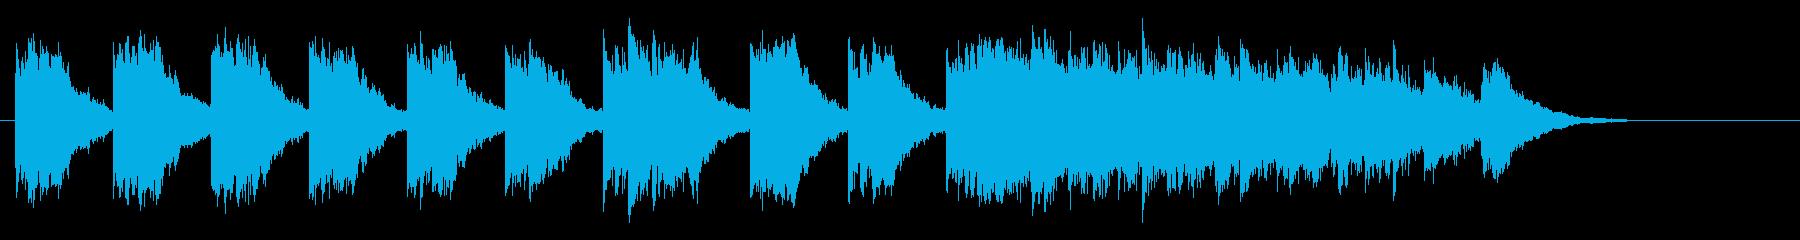 夜の澄んだ空気を感じるアンビエントBGMの再生済みの波形